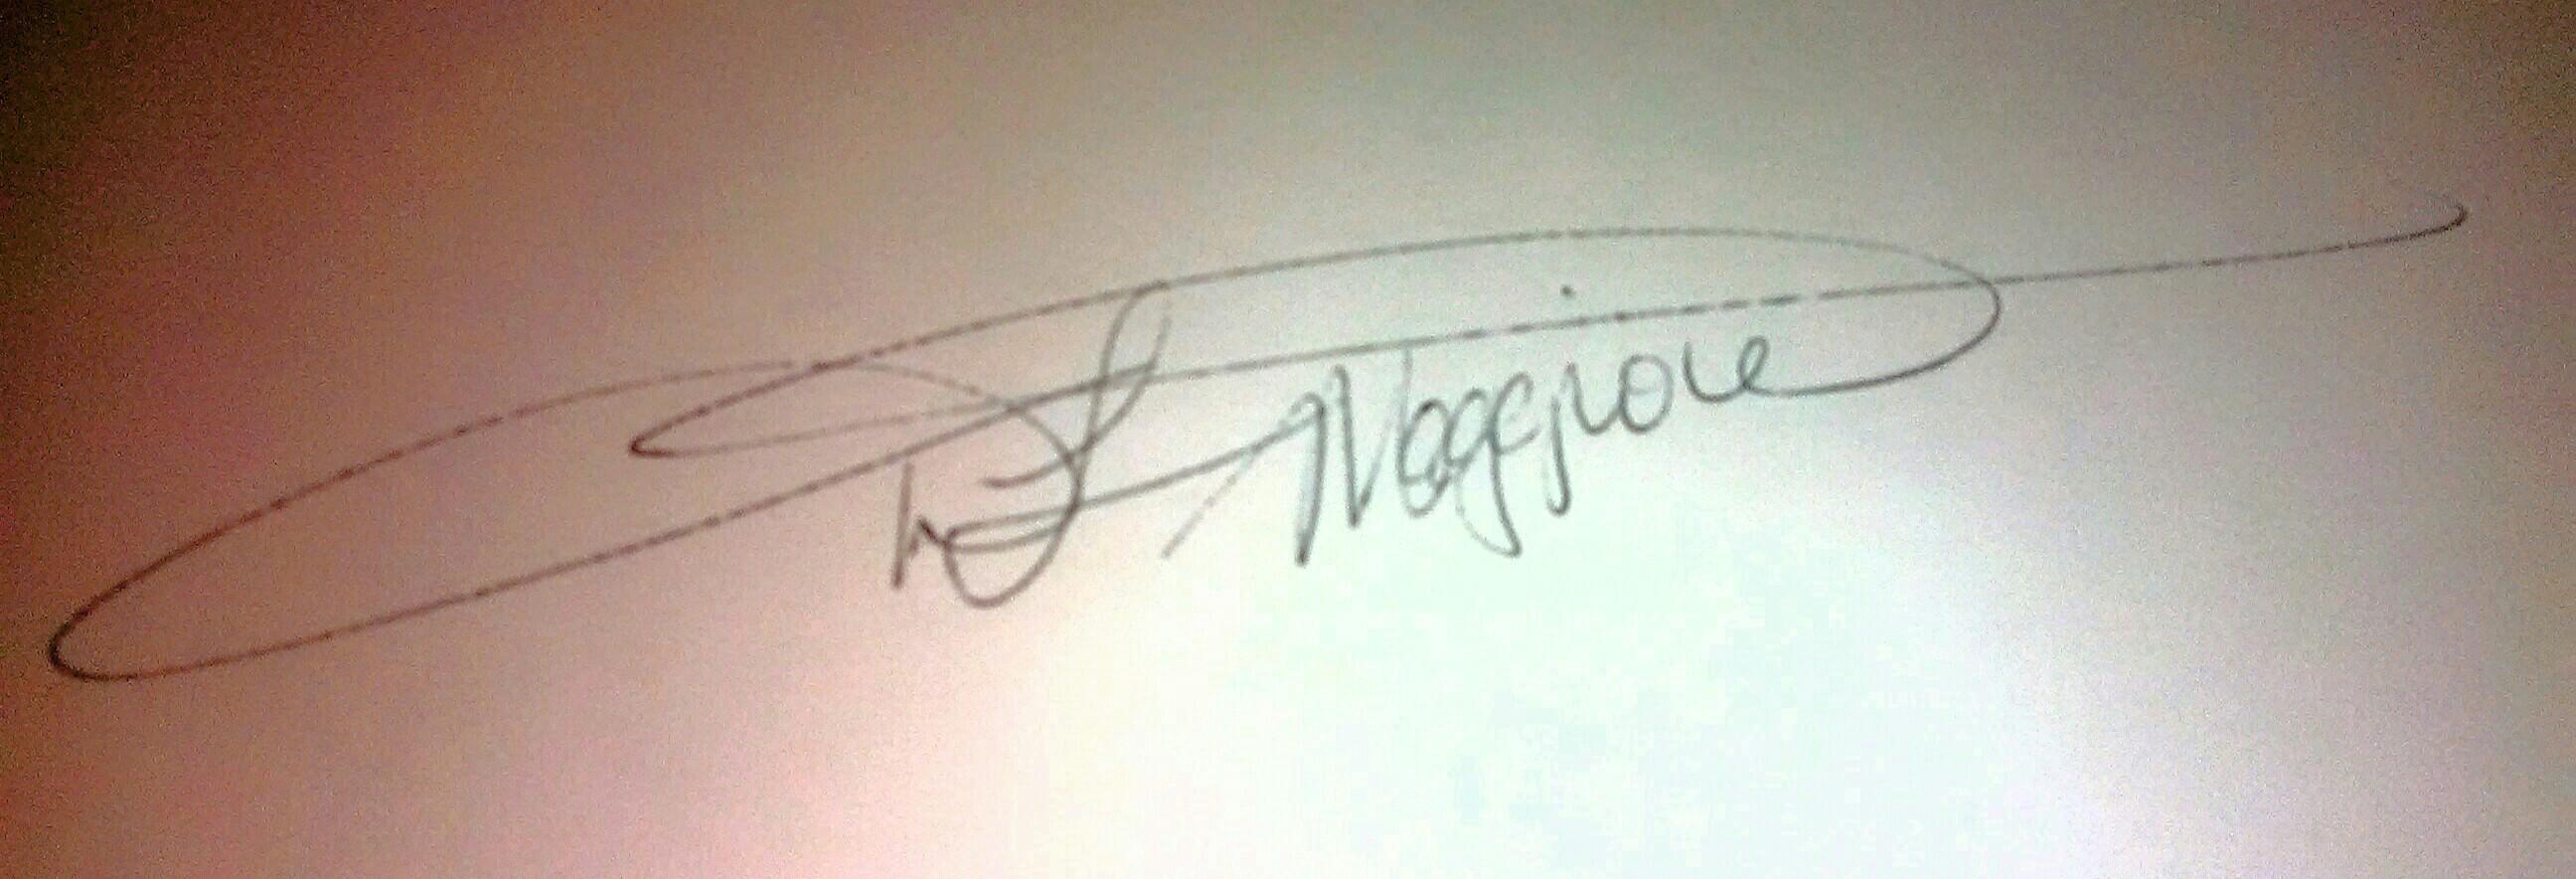 D.l. maggiore's Signature